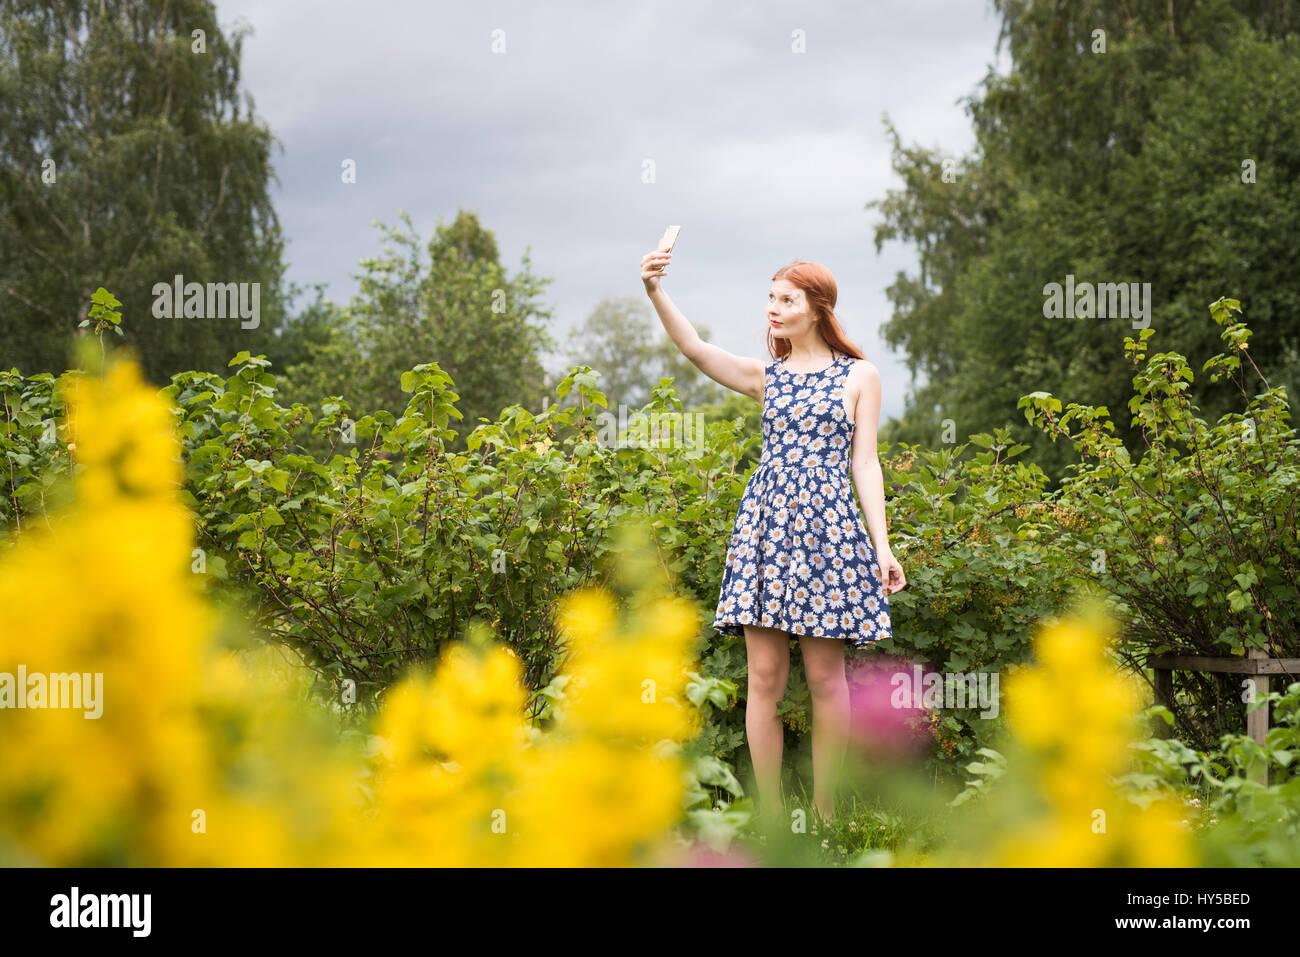 Finnland, Pirkanmaa, Tampere, Frau unter selfie in ländlichen Landschaft Stockfoto